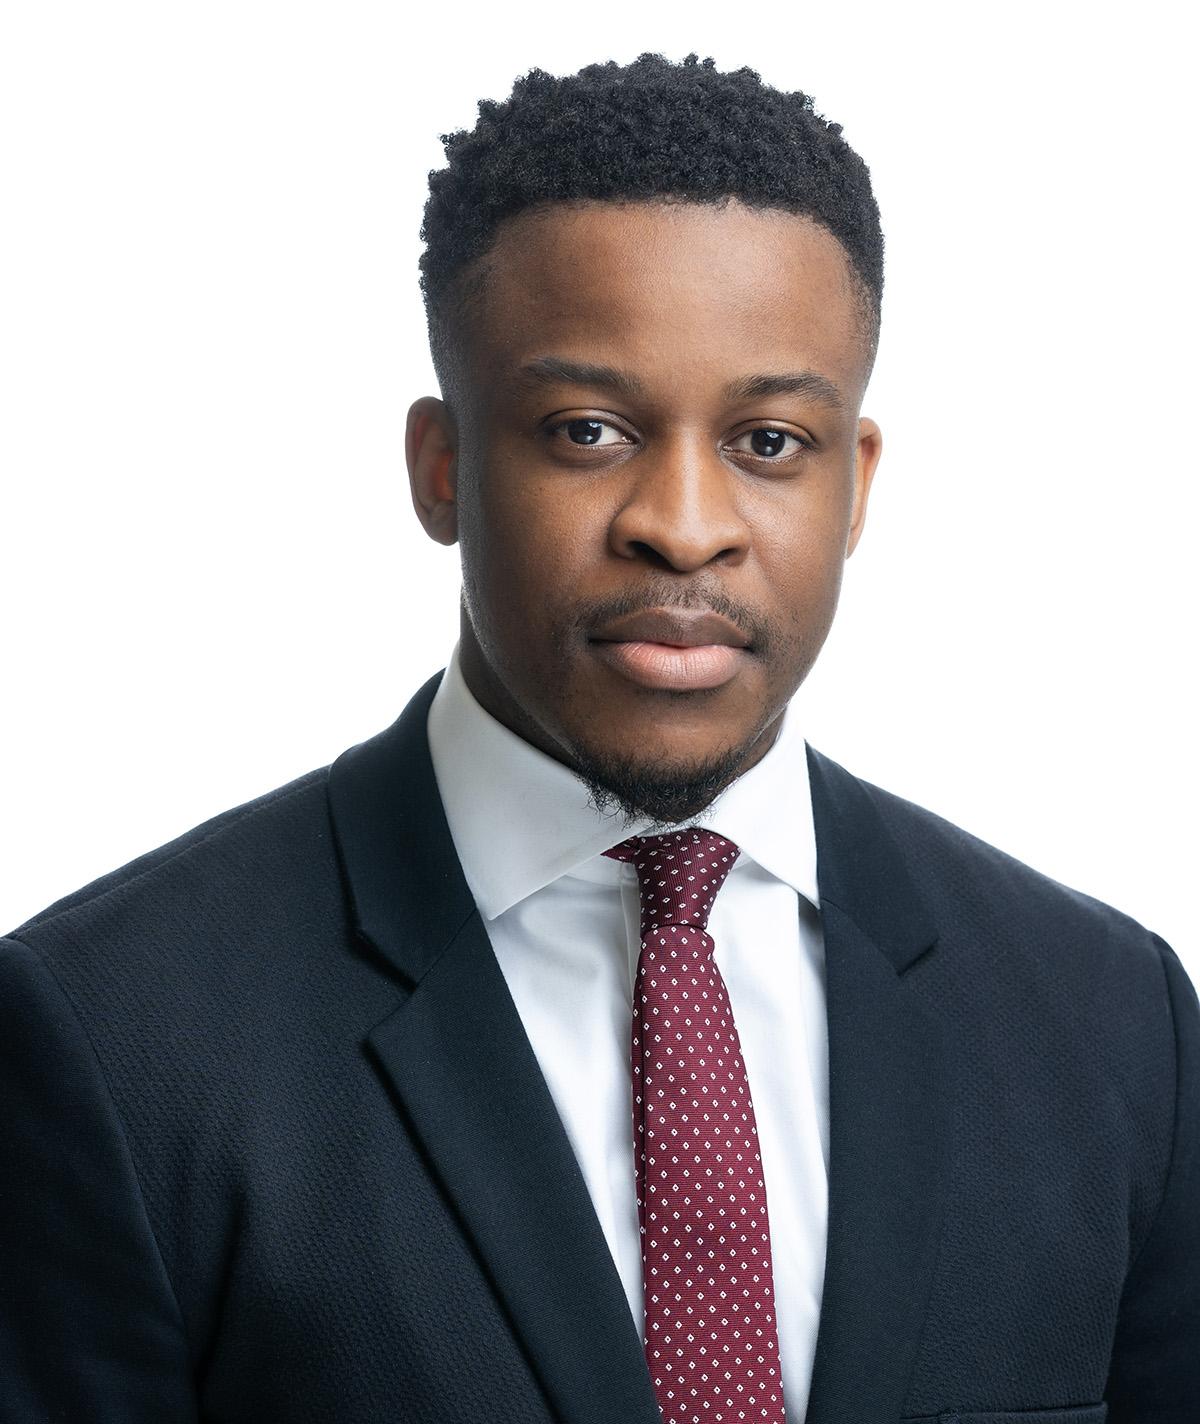 Vincent Oganwu